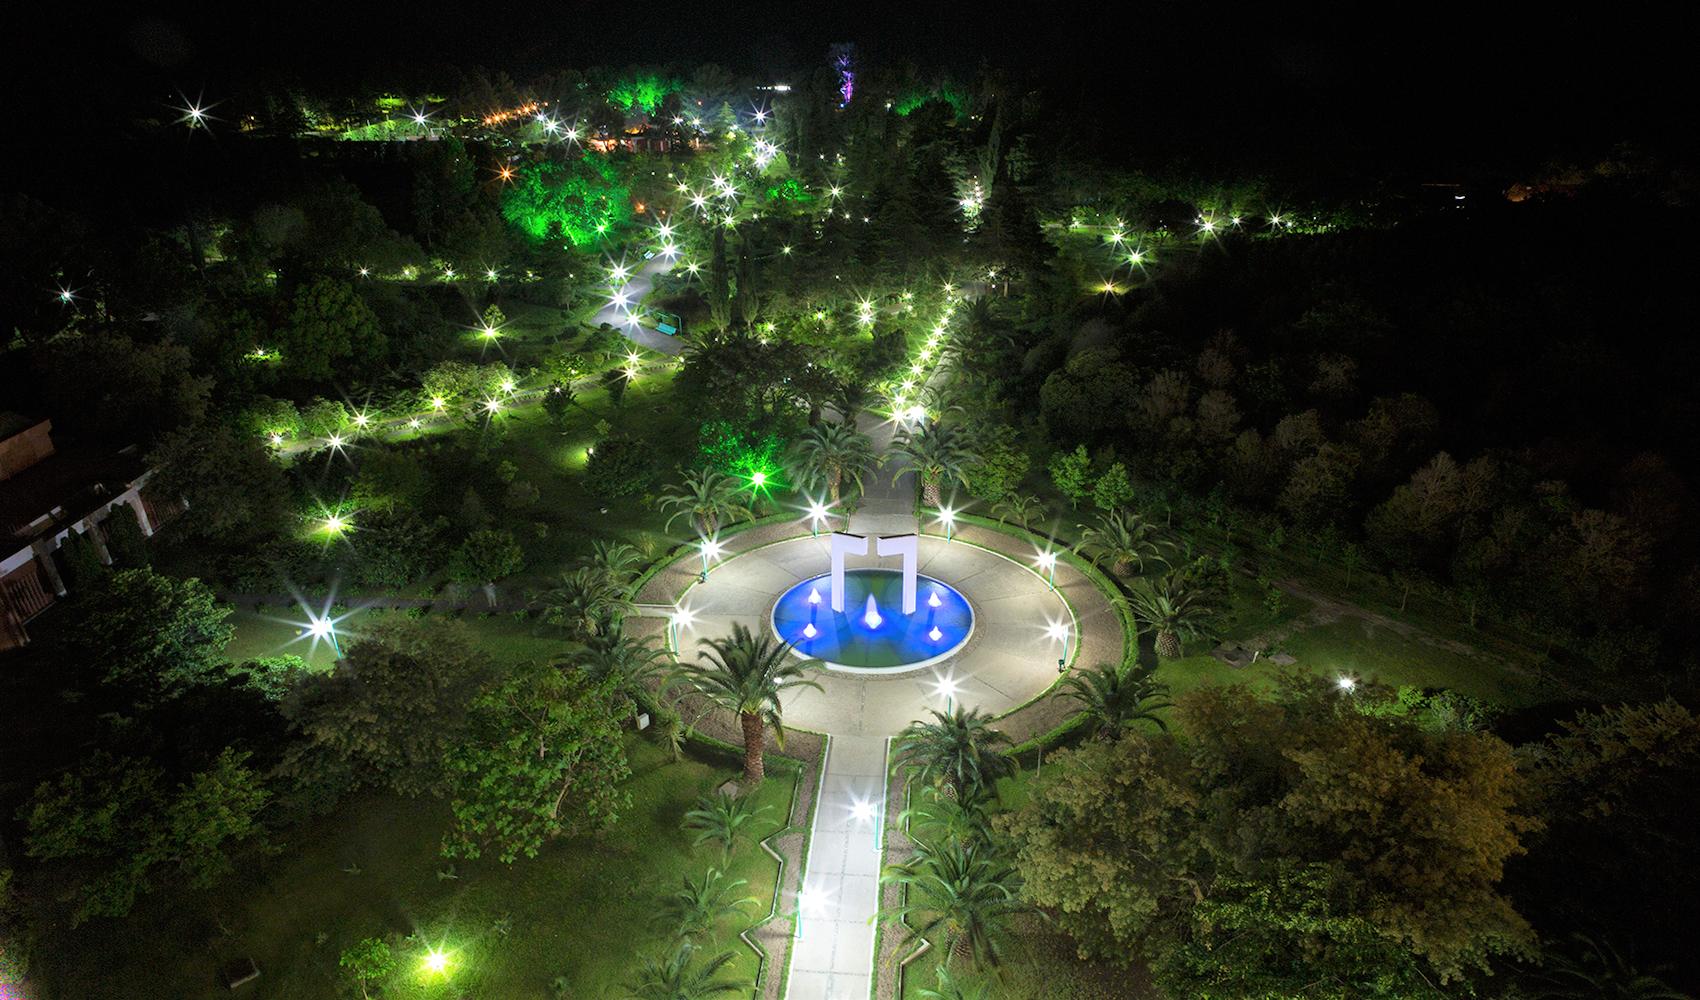 самшитовая роща абхазия фото официальный сайт